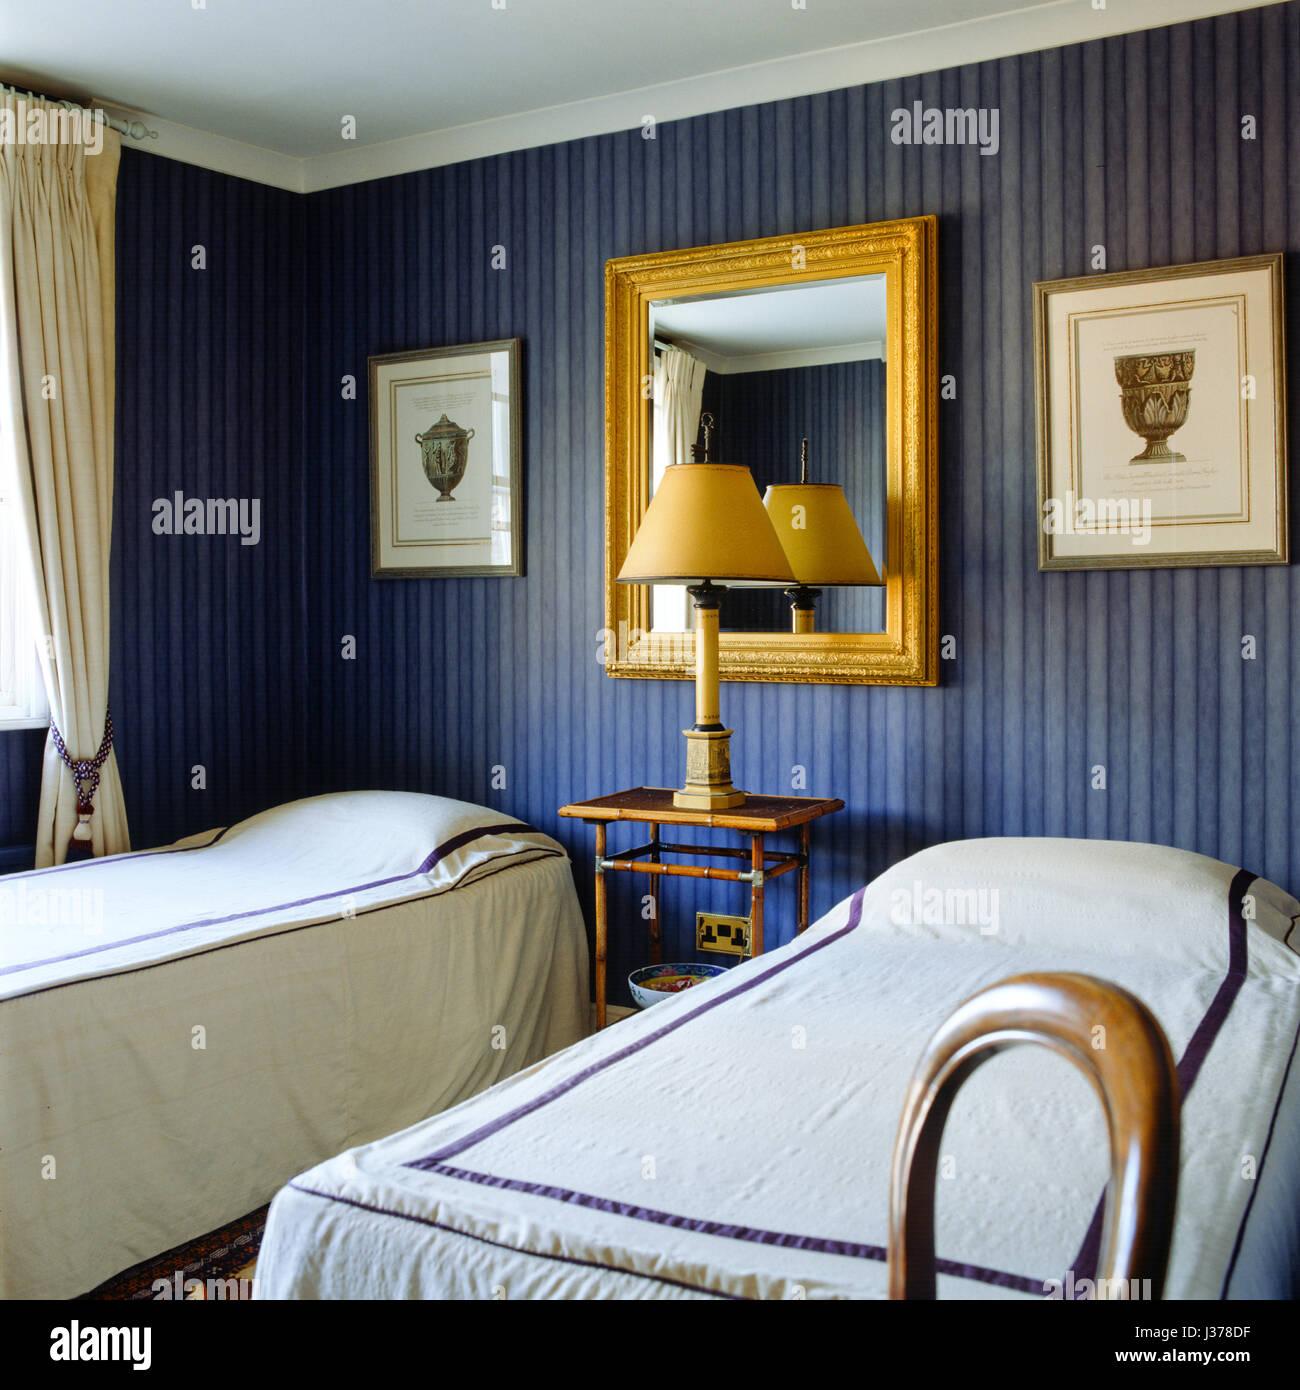 Schlafzimmer mit blau gestreifte Tapete Stockfoto, Bild: 139687227 ...